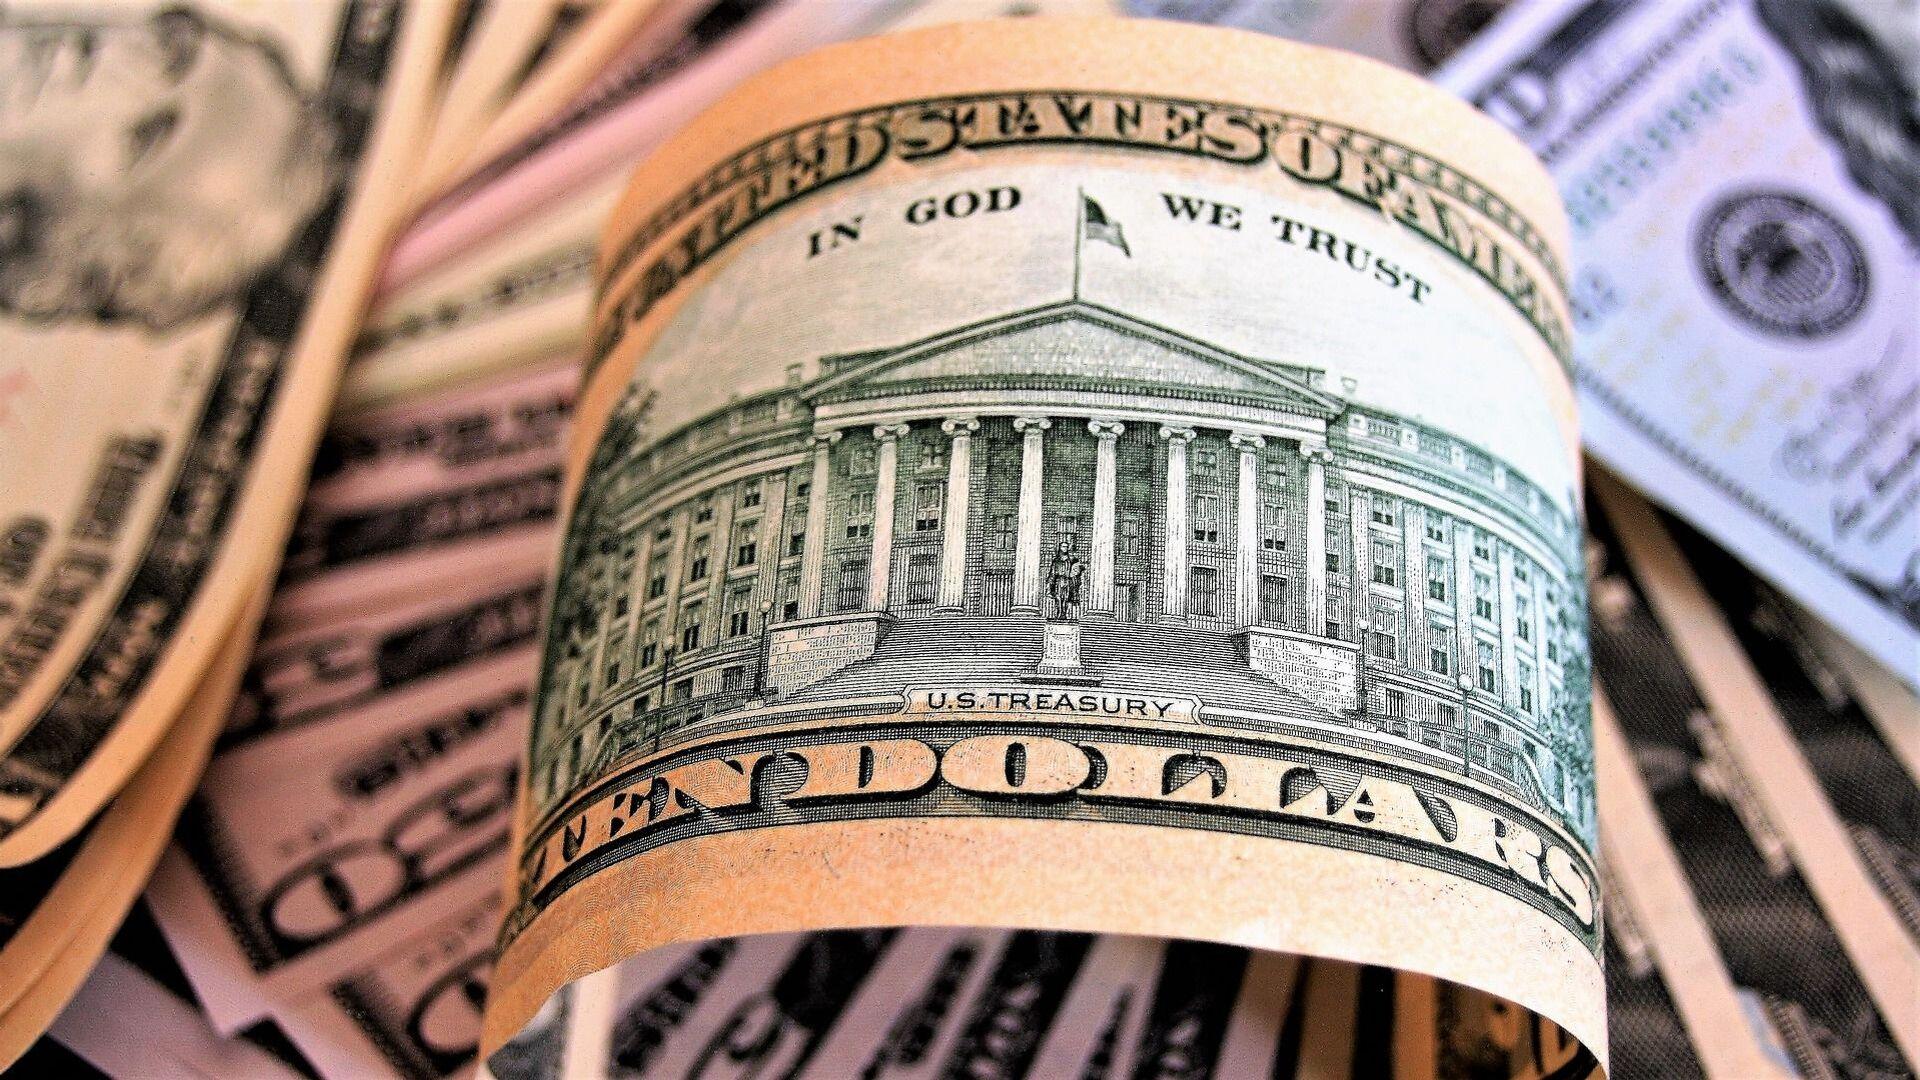 EEUU aportará $2 millones para combatir corrupción en El Salvador -  07.04.2021, Sputnik Mundo